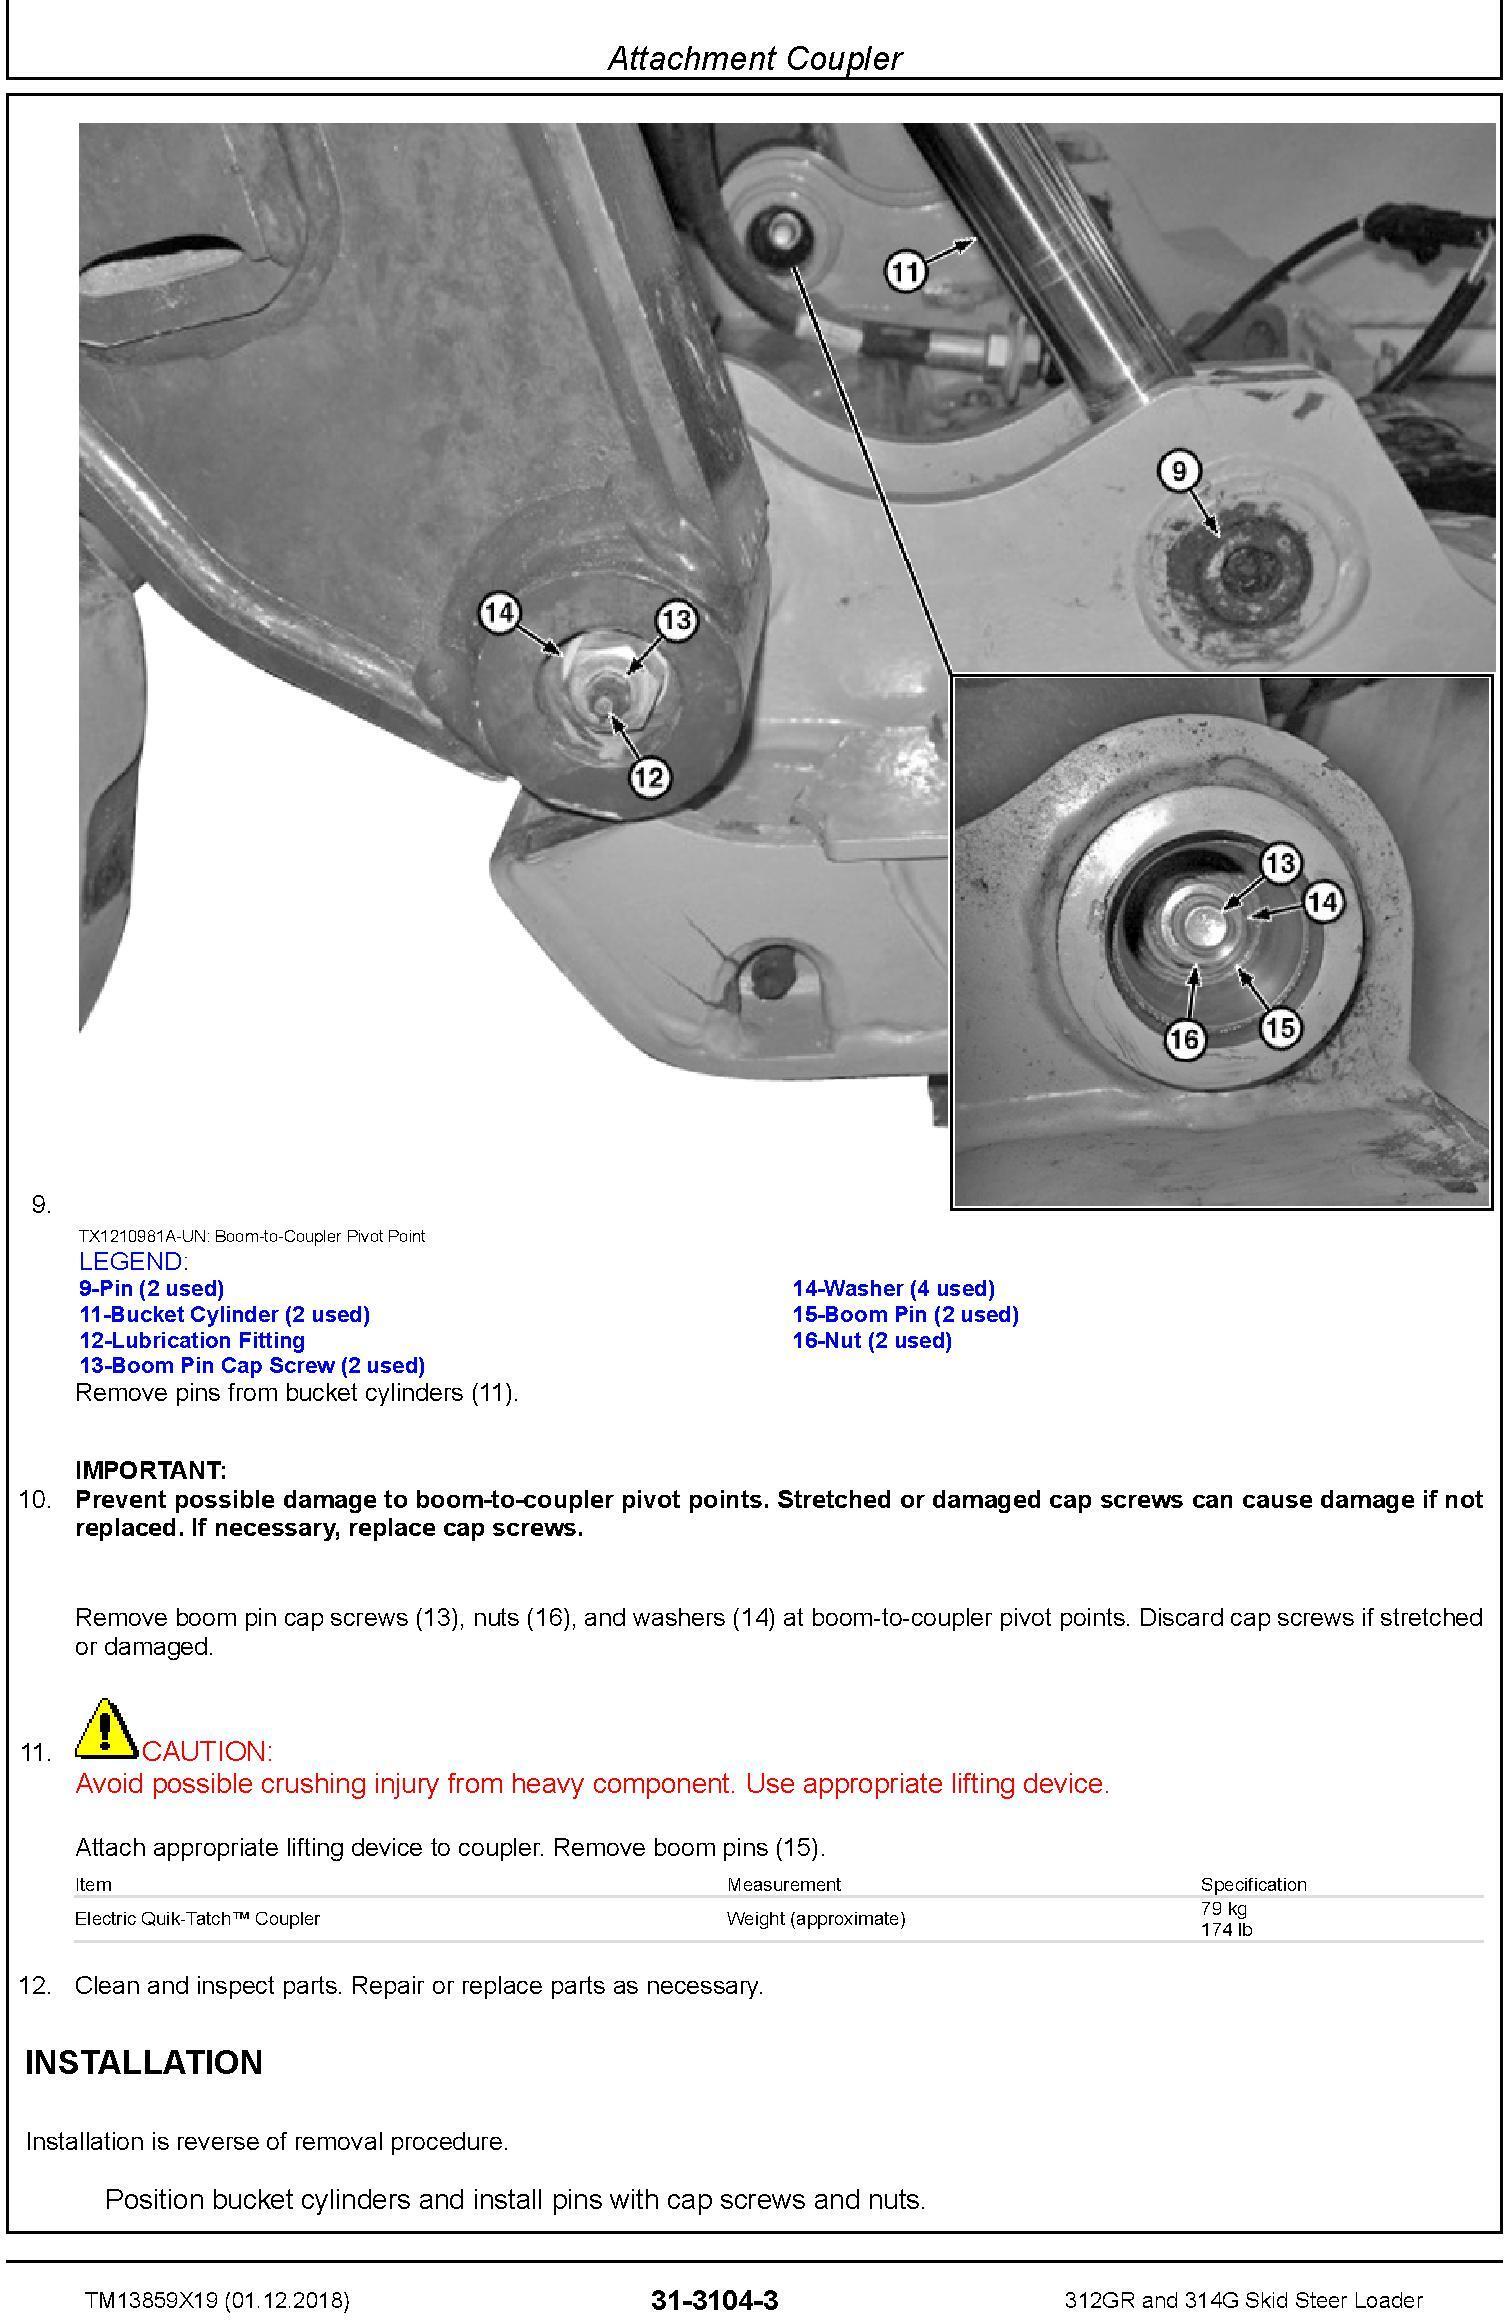 John Deere 312GR and 314G Skid Steer Loader Repair Service Manual (TM13859X19) - 3